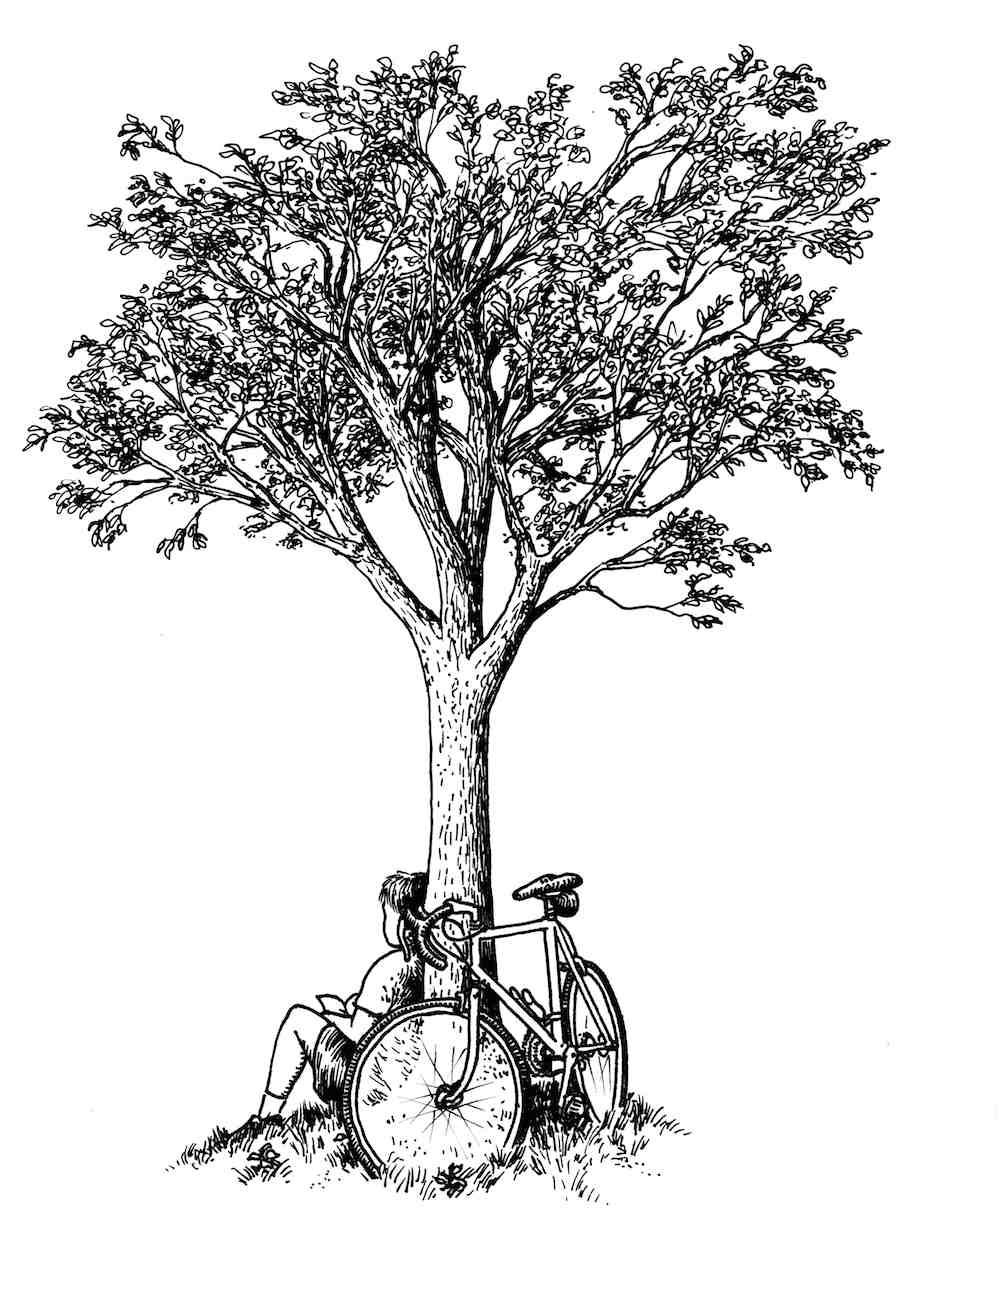 Tree-Sitter_med.jpg